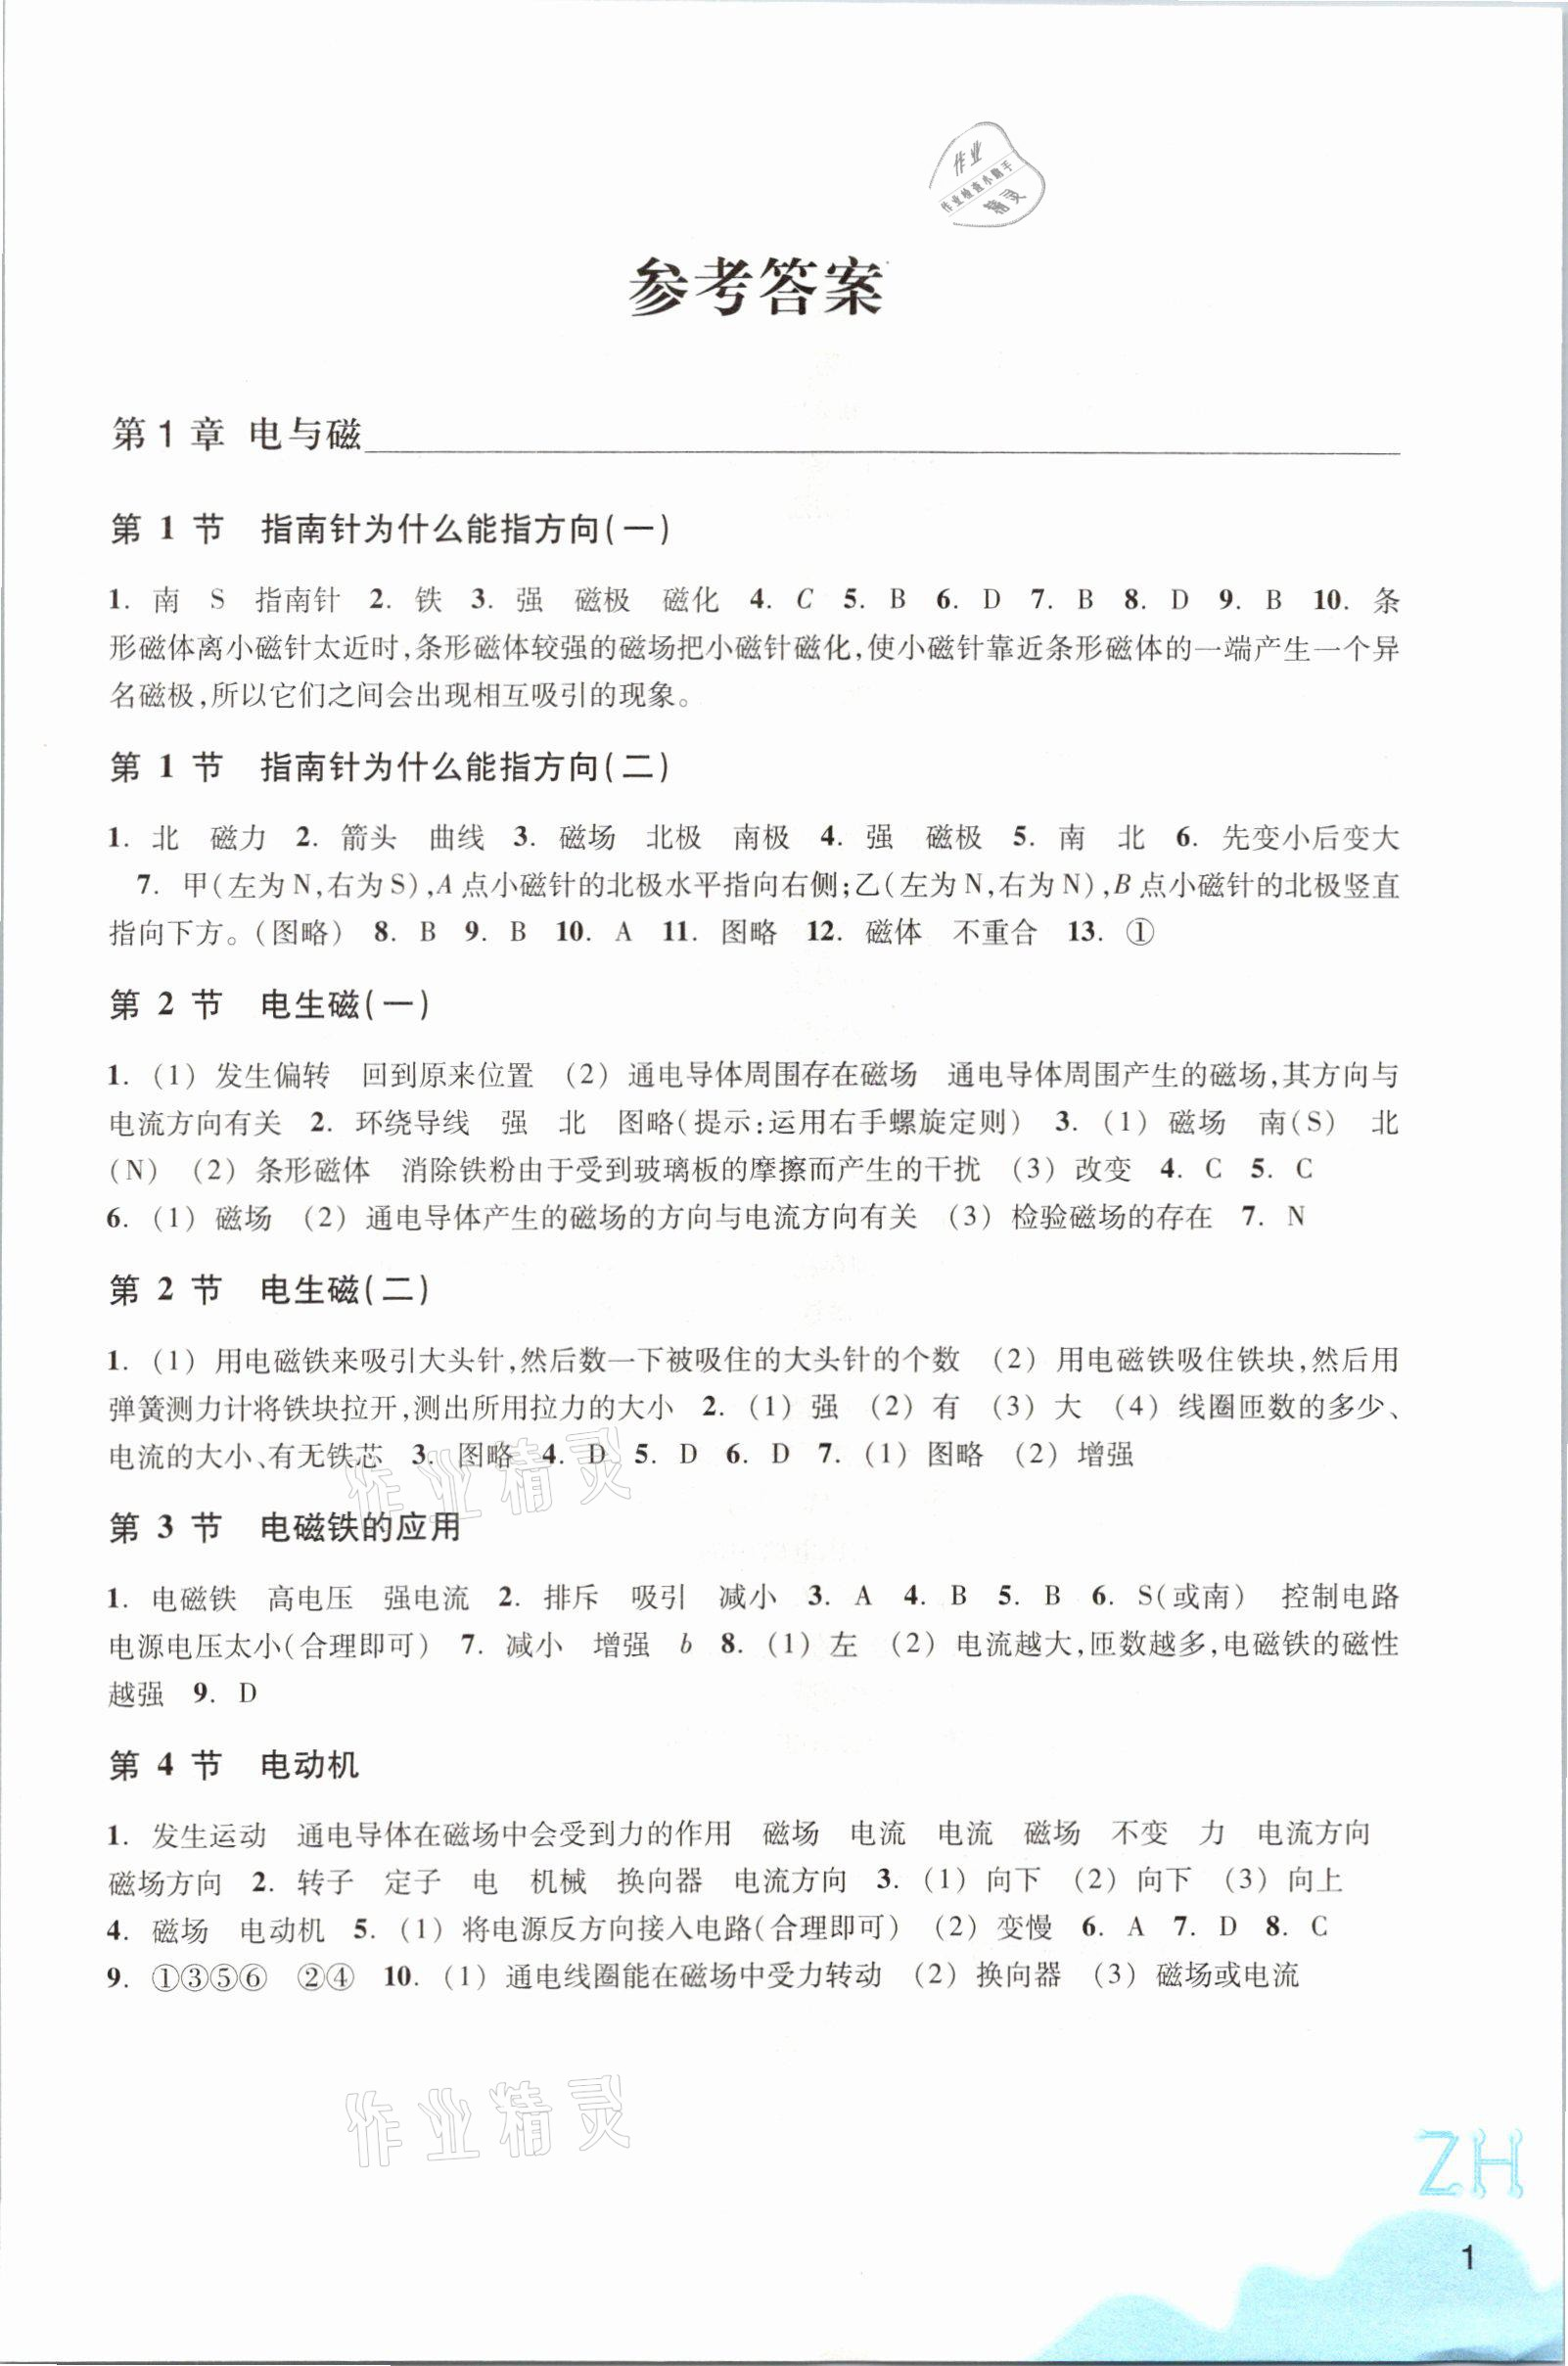 2021年科学作业本八年级下册浙教版浙江教育出版社参考答案第1页